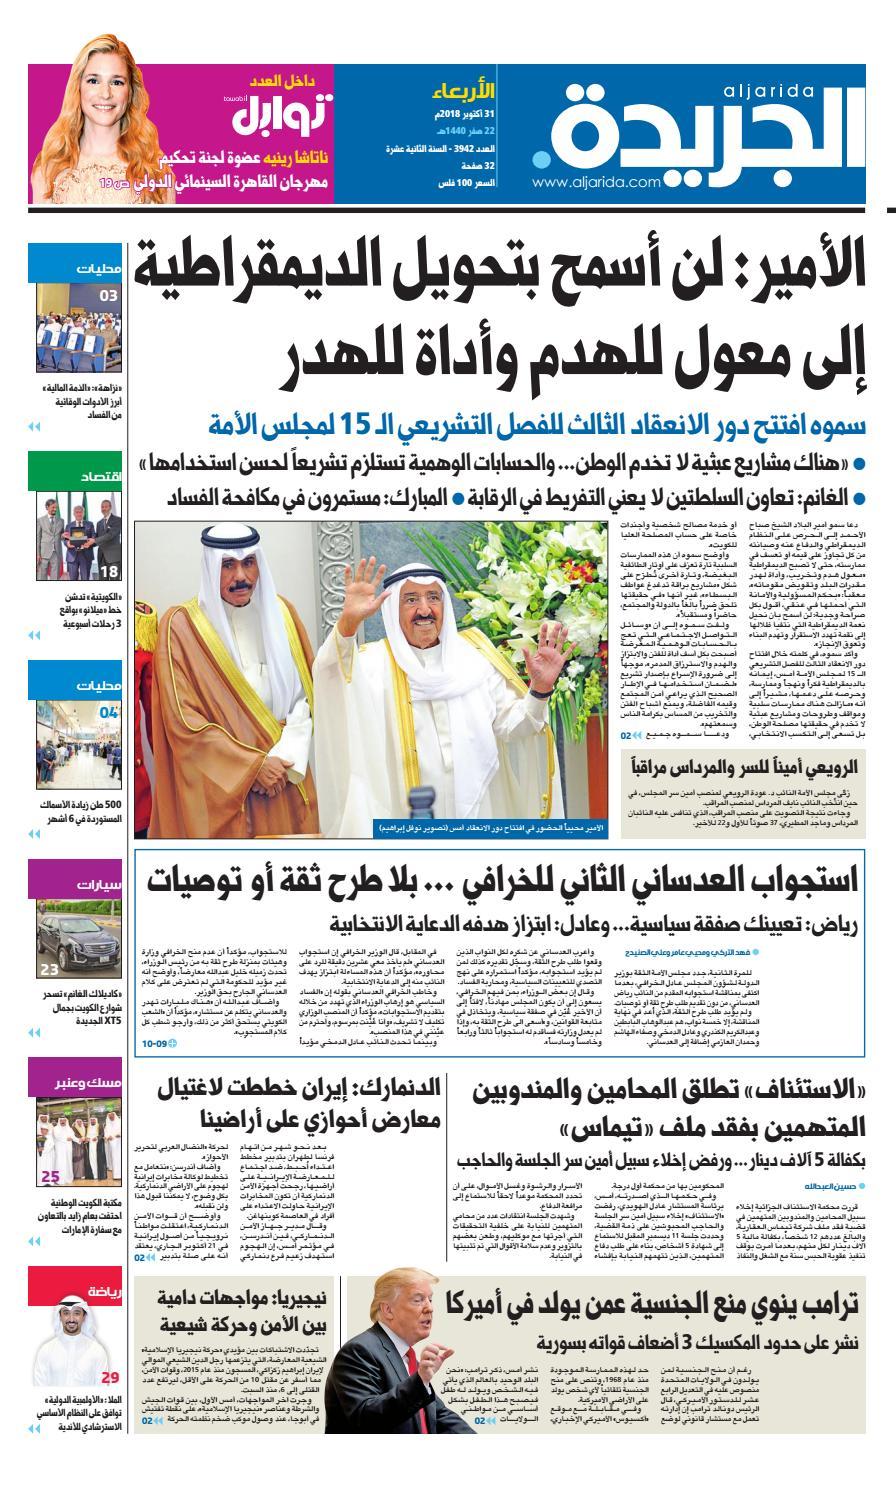 60441cd805cd2 عدد الجريدة الأربعاء 31 أكتوبر 2018 by Aljarida Newspaper - issuu